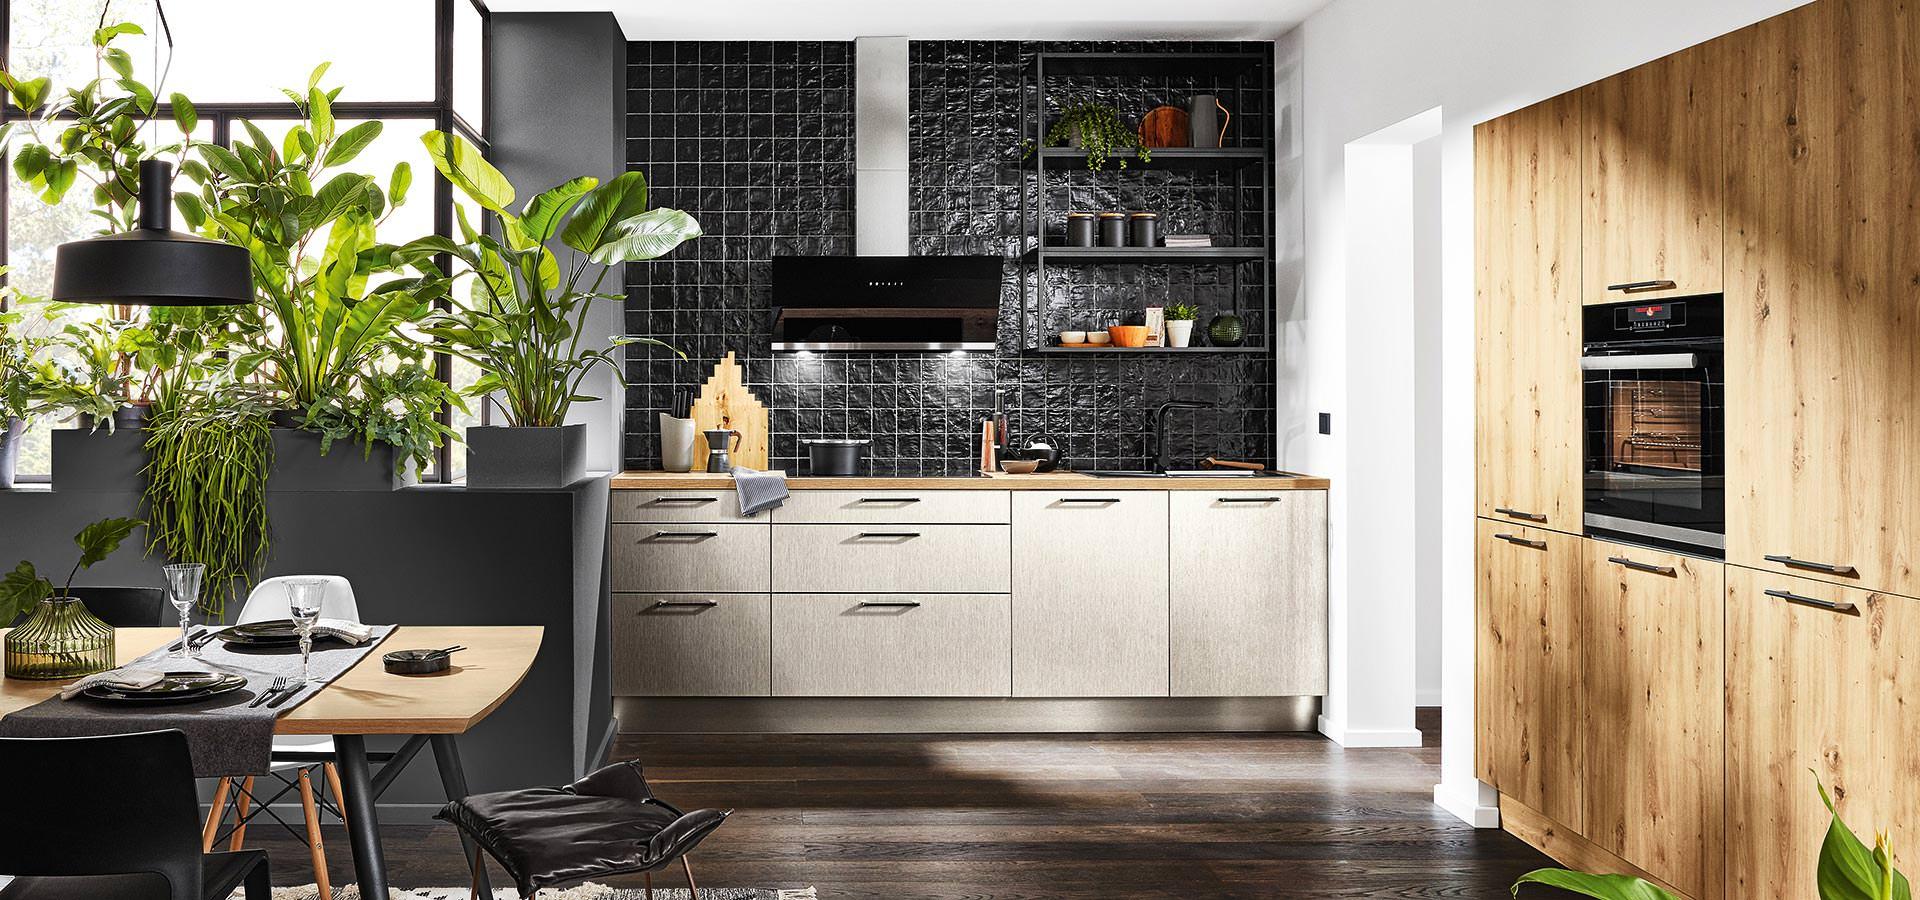 Seydlitz + Partner: Ihr musterhaus küchen Fachgeschäft in Mainz